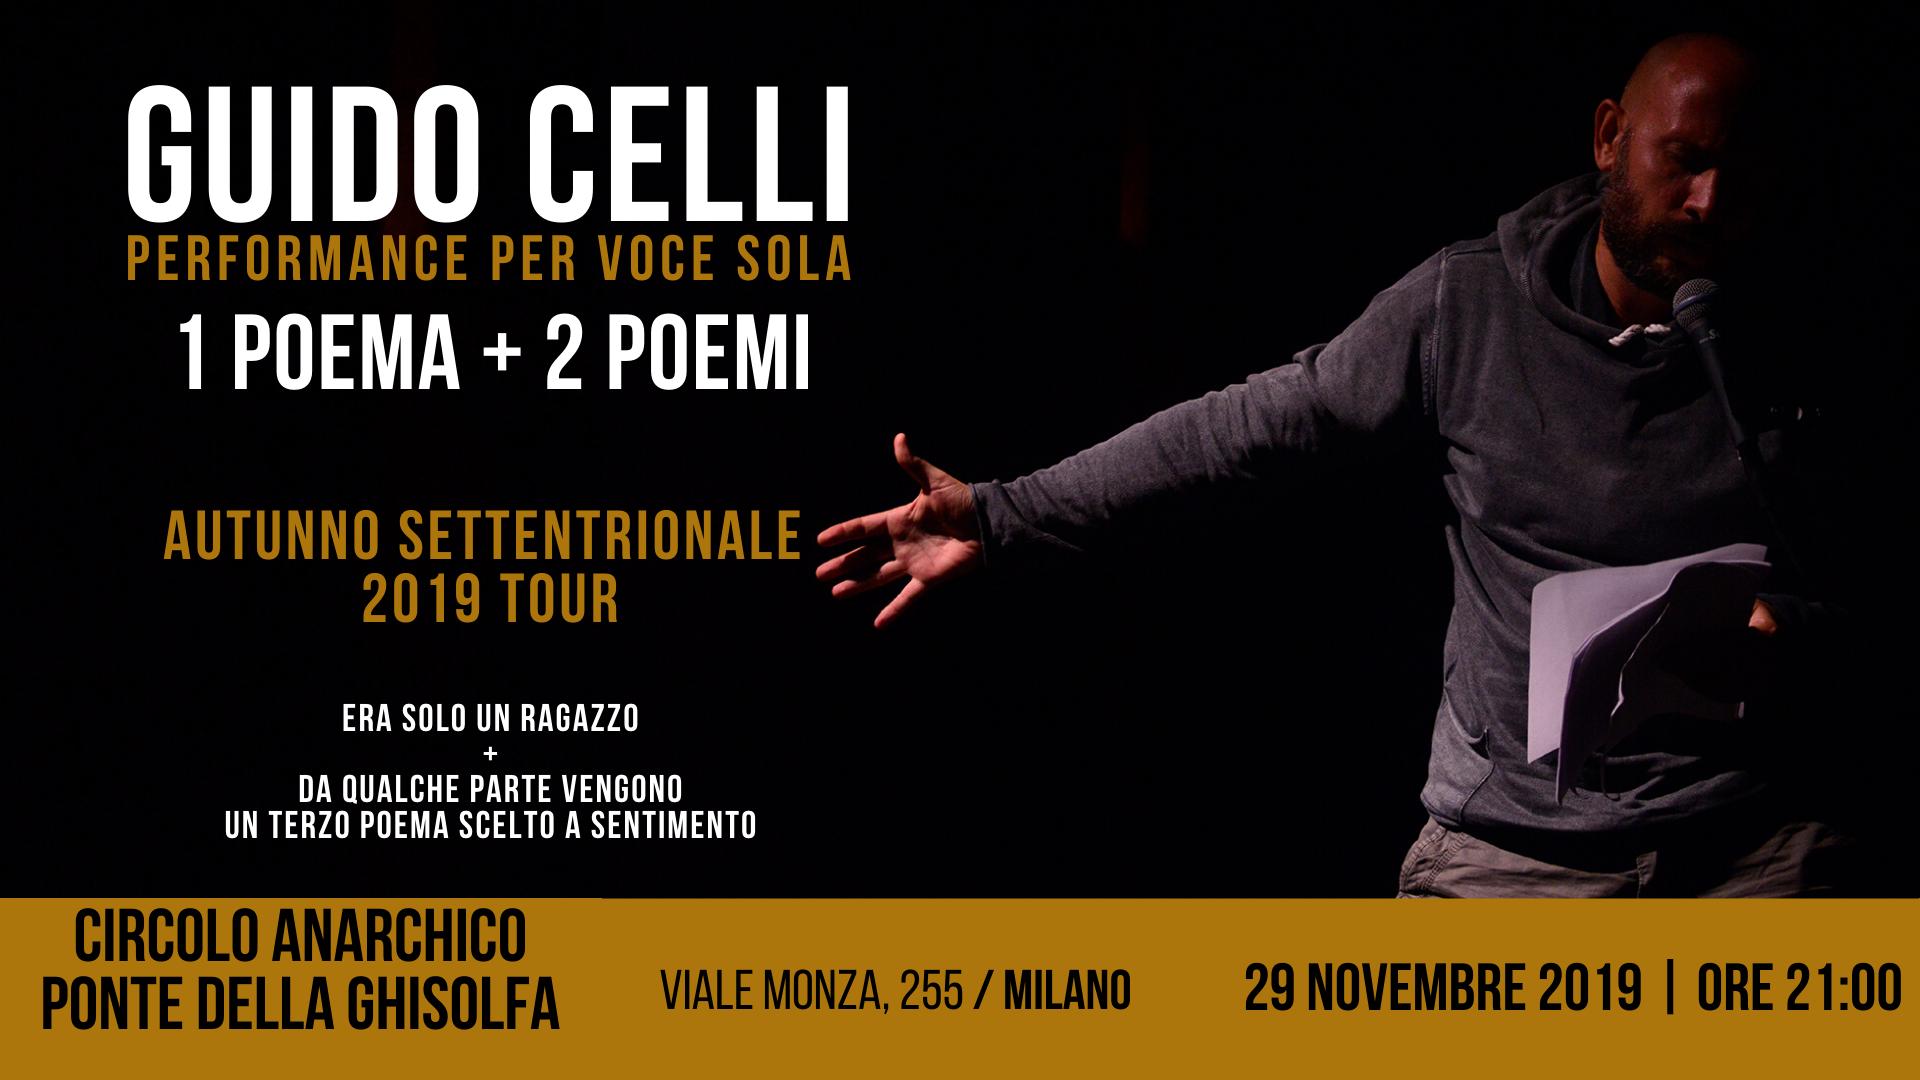 Guido Celli - Performance per voce sola